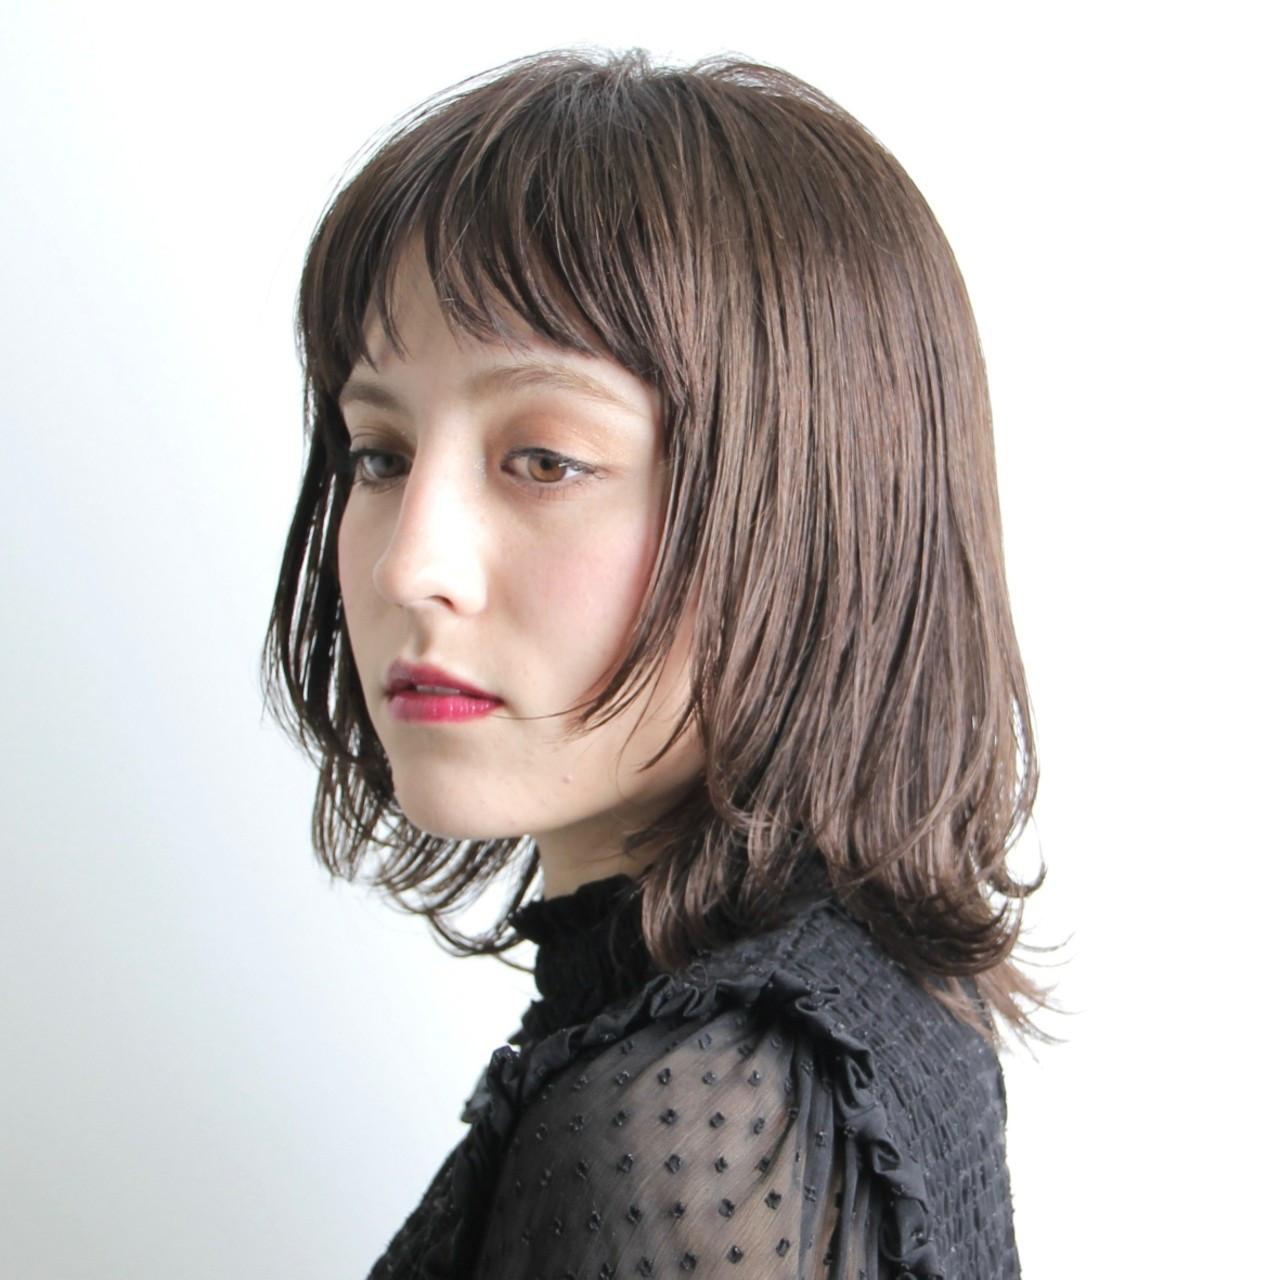 ウェットに仕上げればエレガントな女性に 阿藤俊也 | PEEK-A-BOO NEWoMan新宿